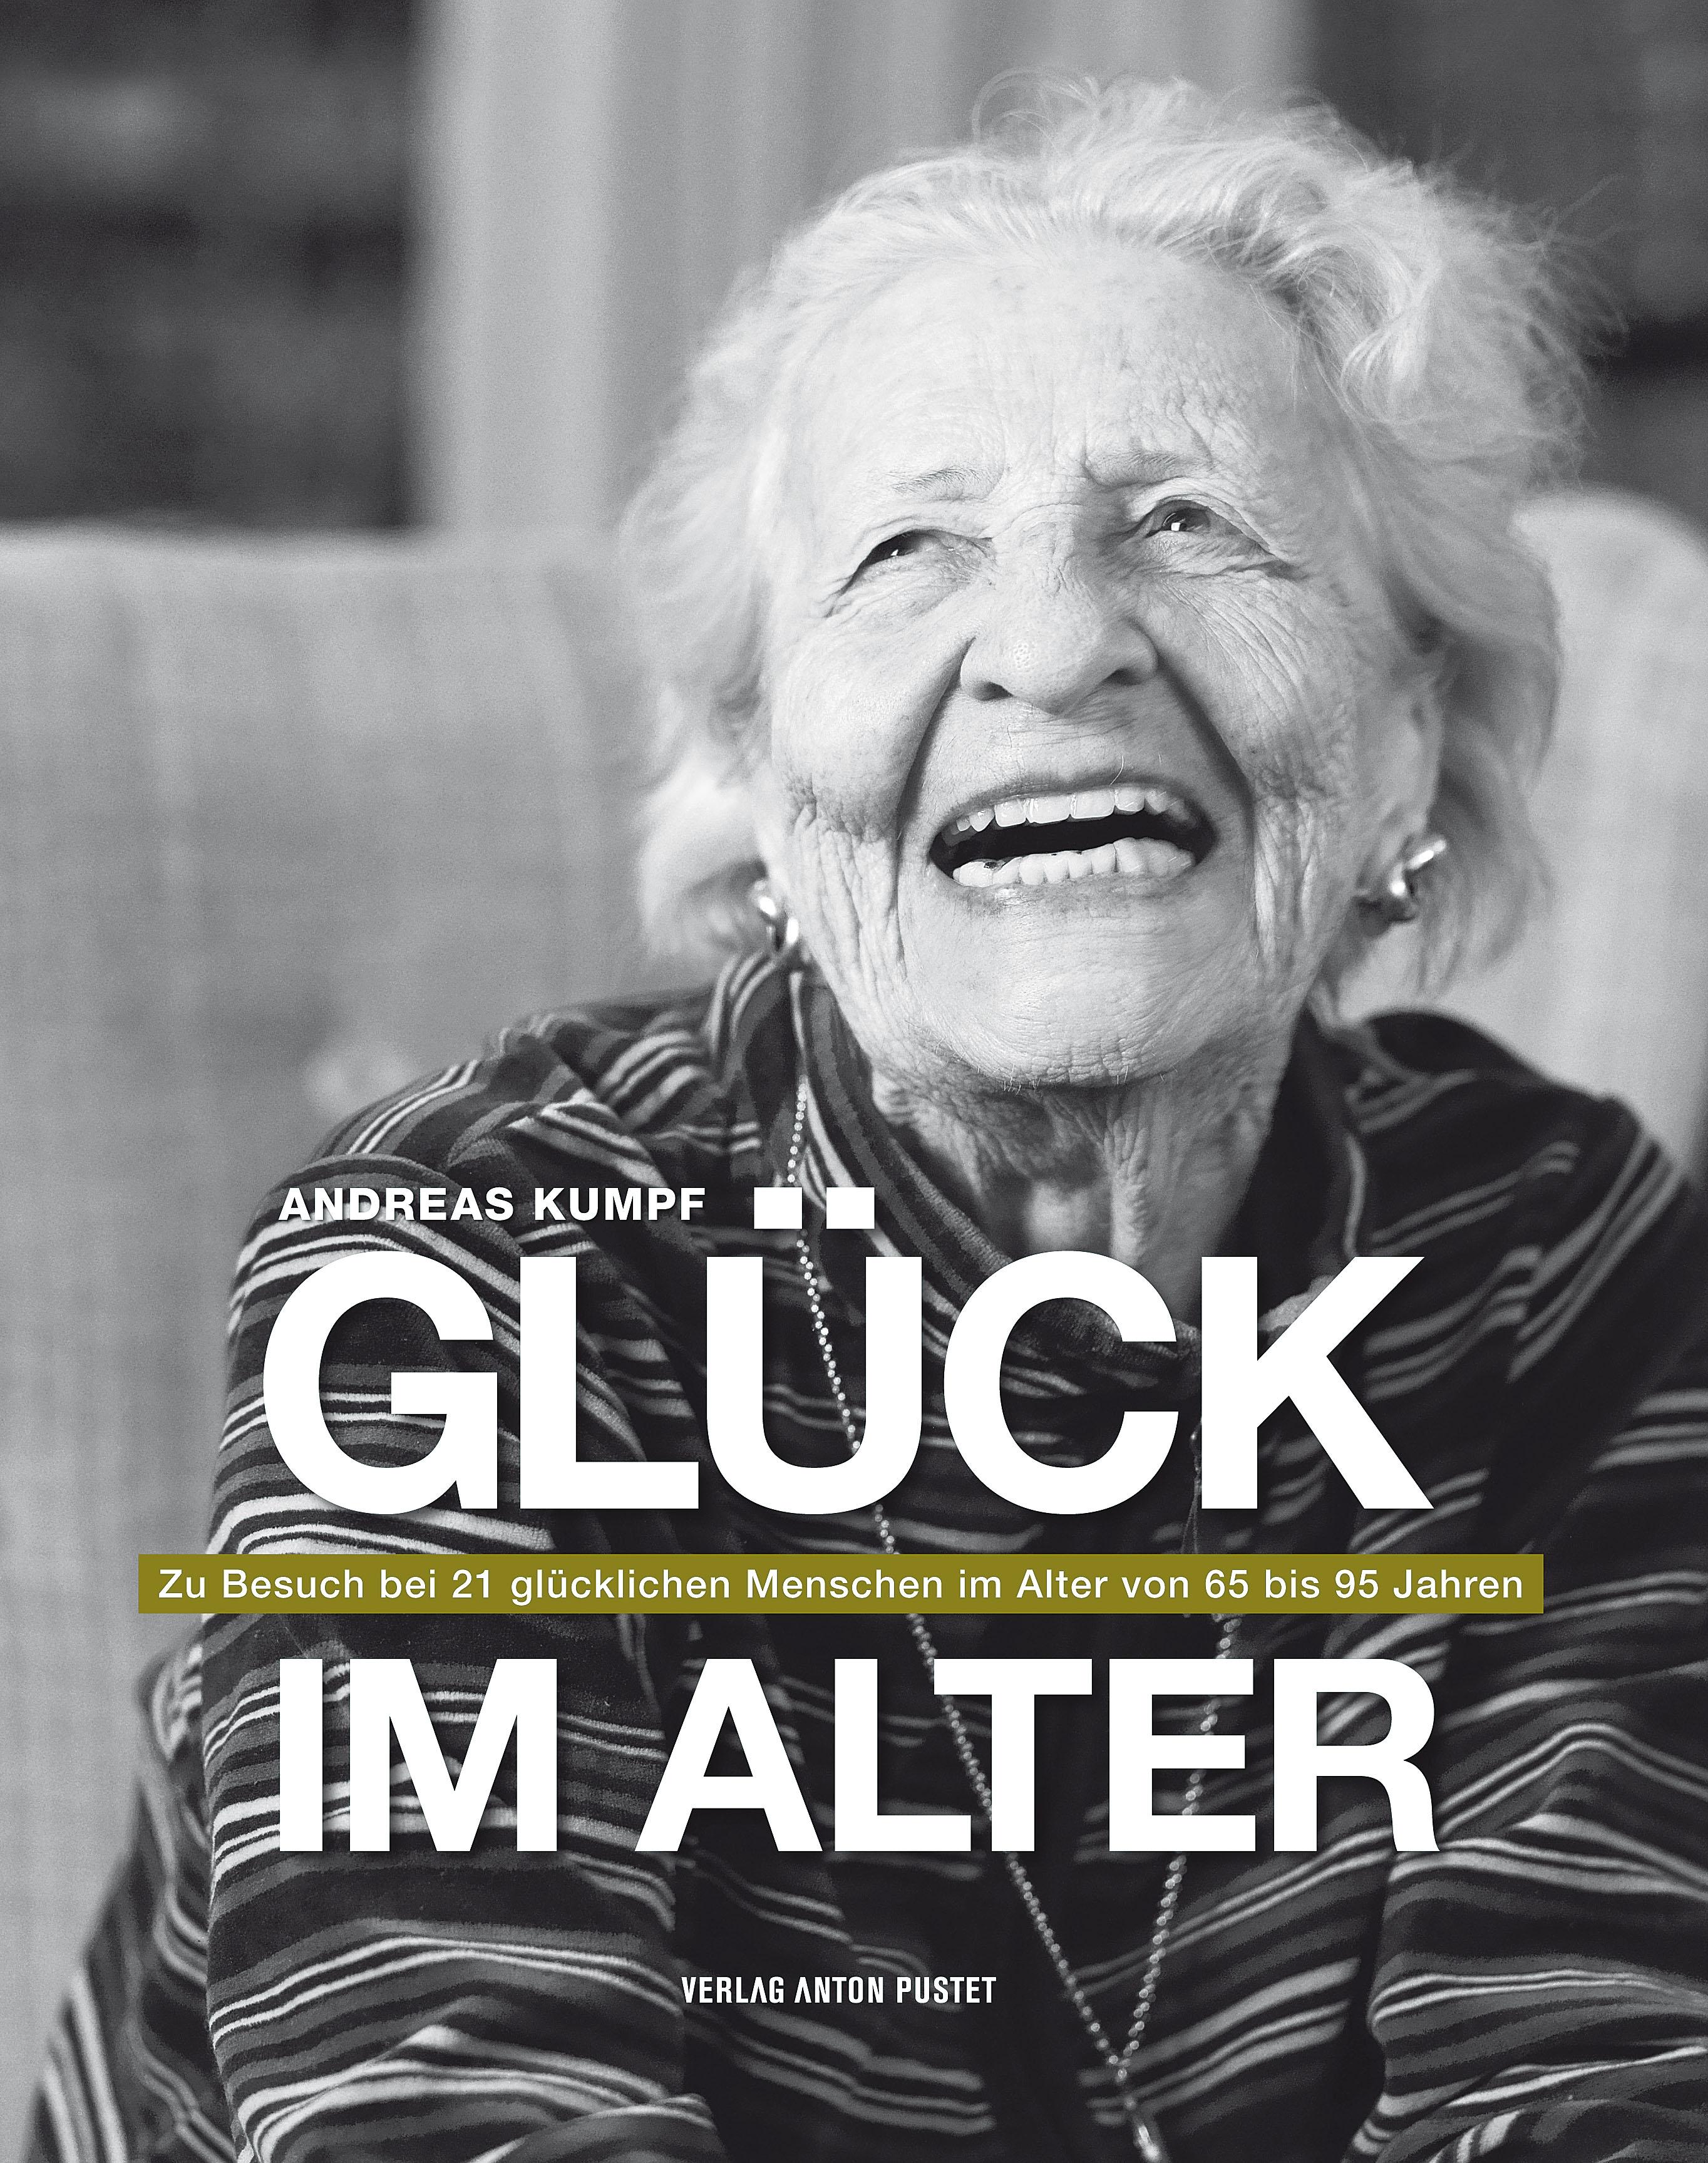 Glück im Alter: Zu Besuch bei 21 glücklichen Menschen im Alter von 65 bis 95 Jahren - Andreas Kumpf